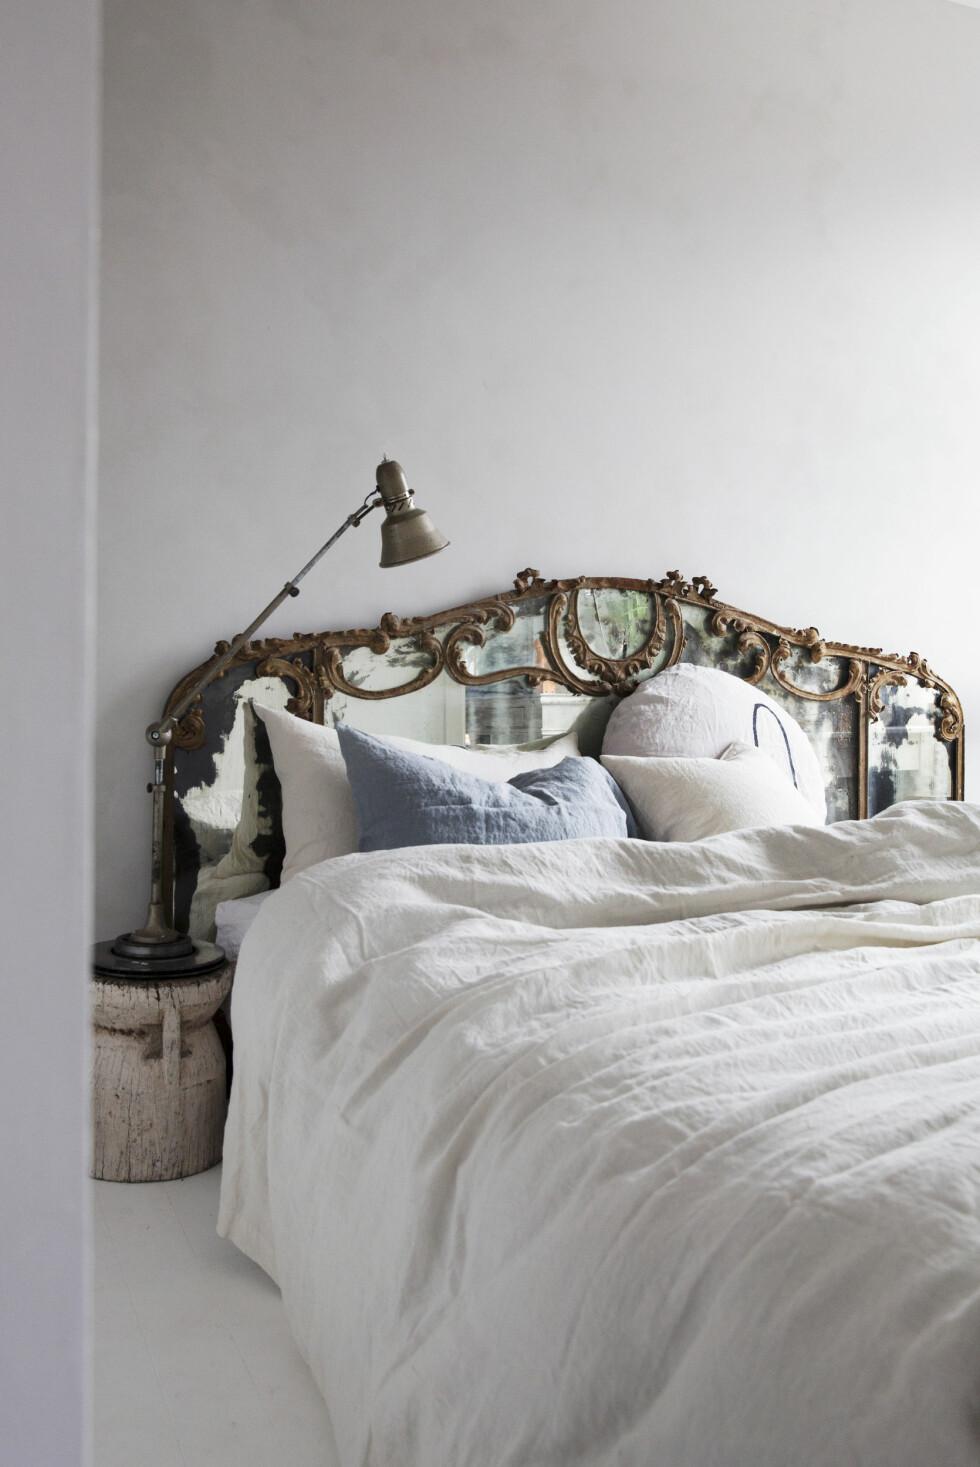 Den vakre, gamle sengegavlen er fra MO Inredning. Linsengetøyet er fra Eske, lampen og stolen fra Fransk bazar og stubben fra Anouska. – Sengegavlen og stubben passer jo egentlig ikke sammen, men nettopp derfor  synes jeg det fungerer så godt, sier Tone.   Foto: Yvonne Wilhelmsen